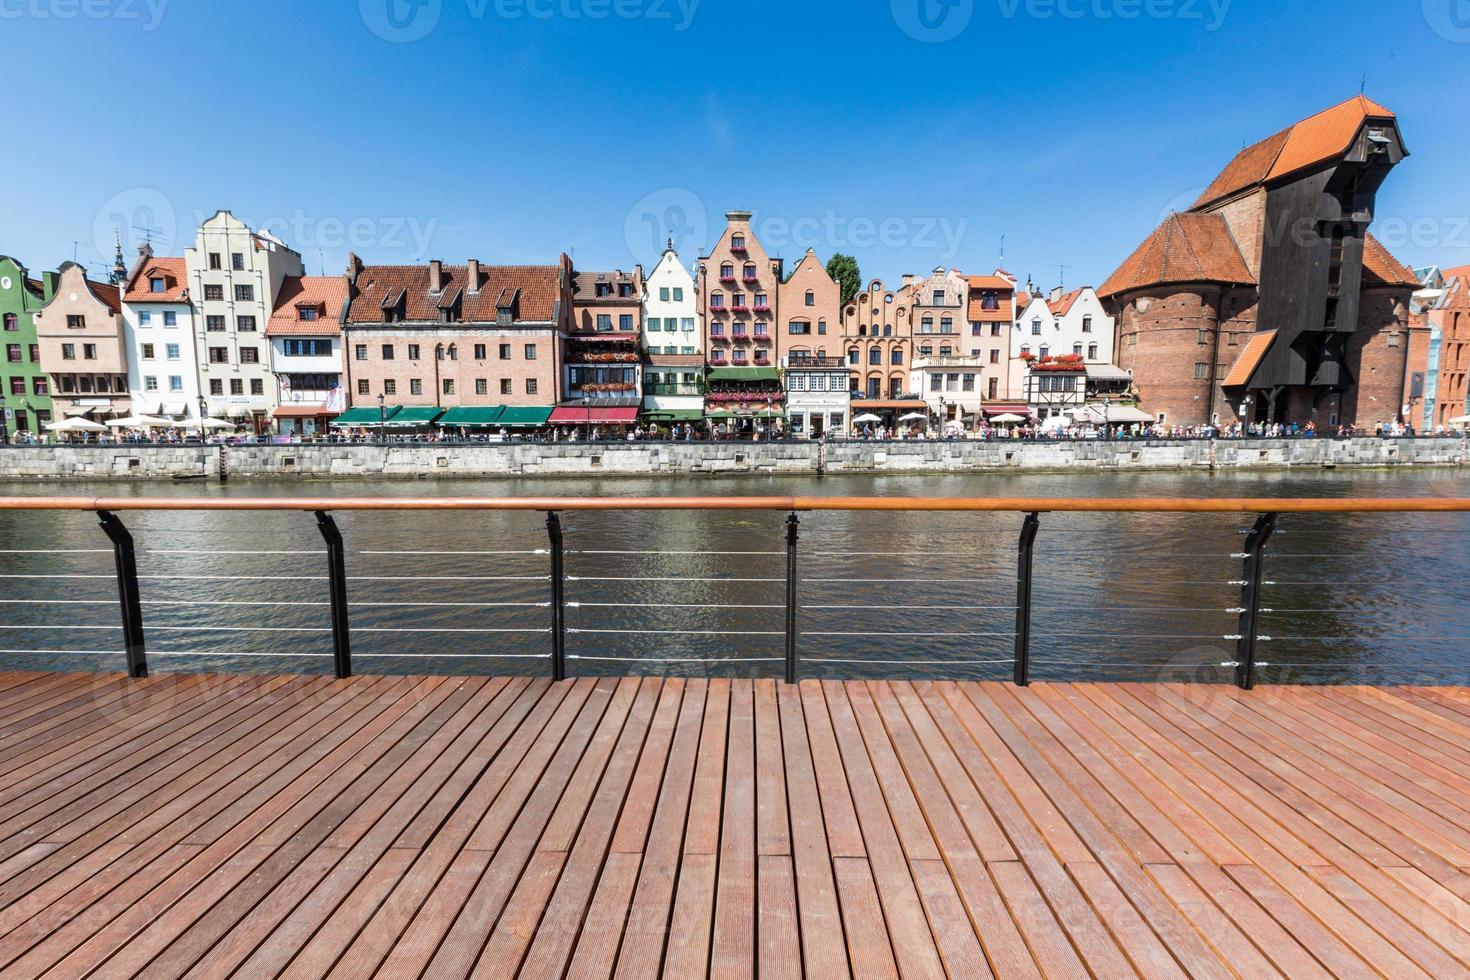 arquitetura tradicional em gdansk, polônia. foto